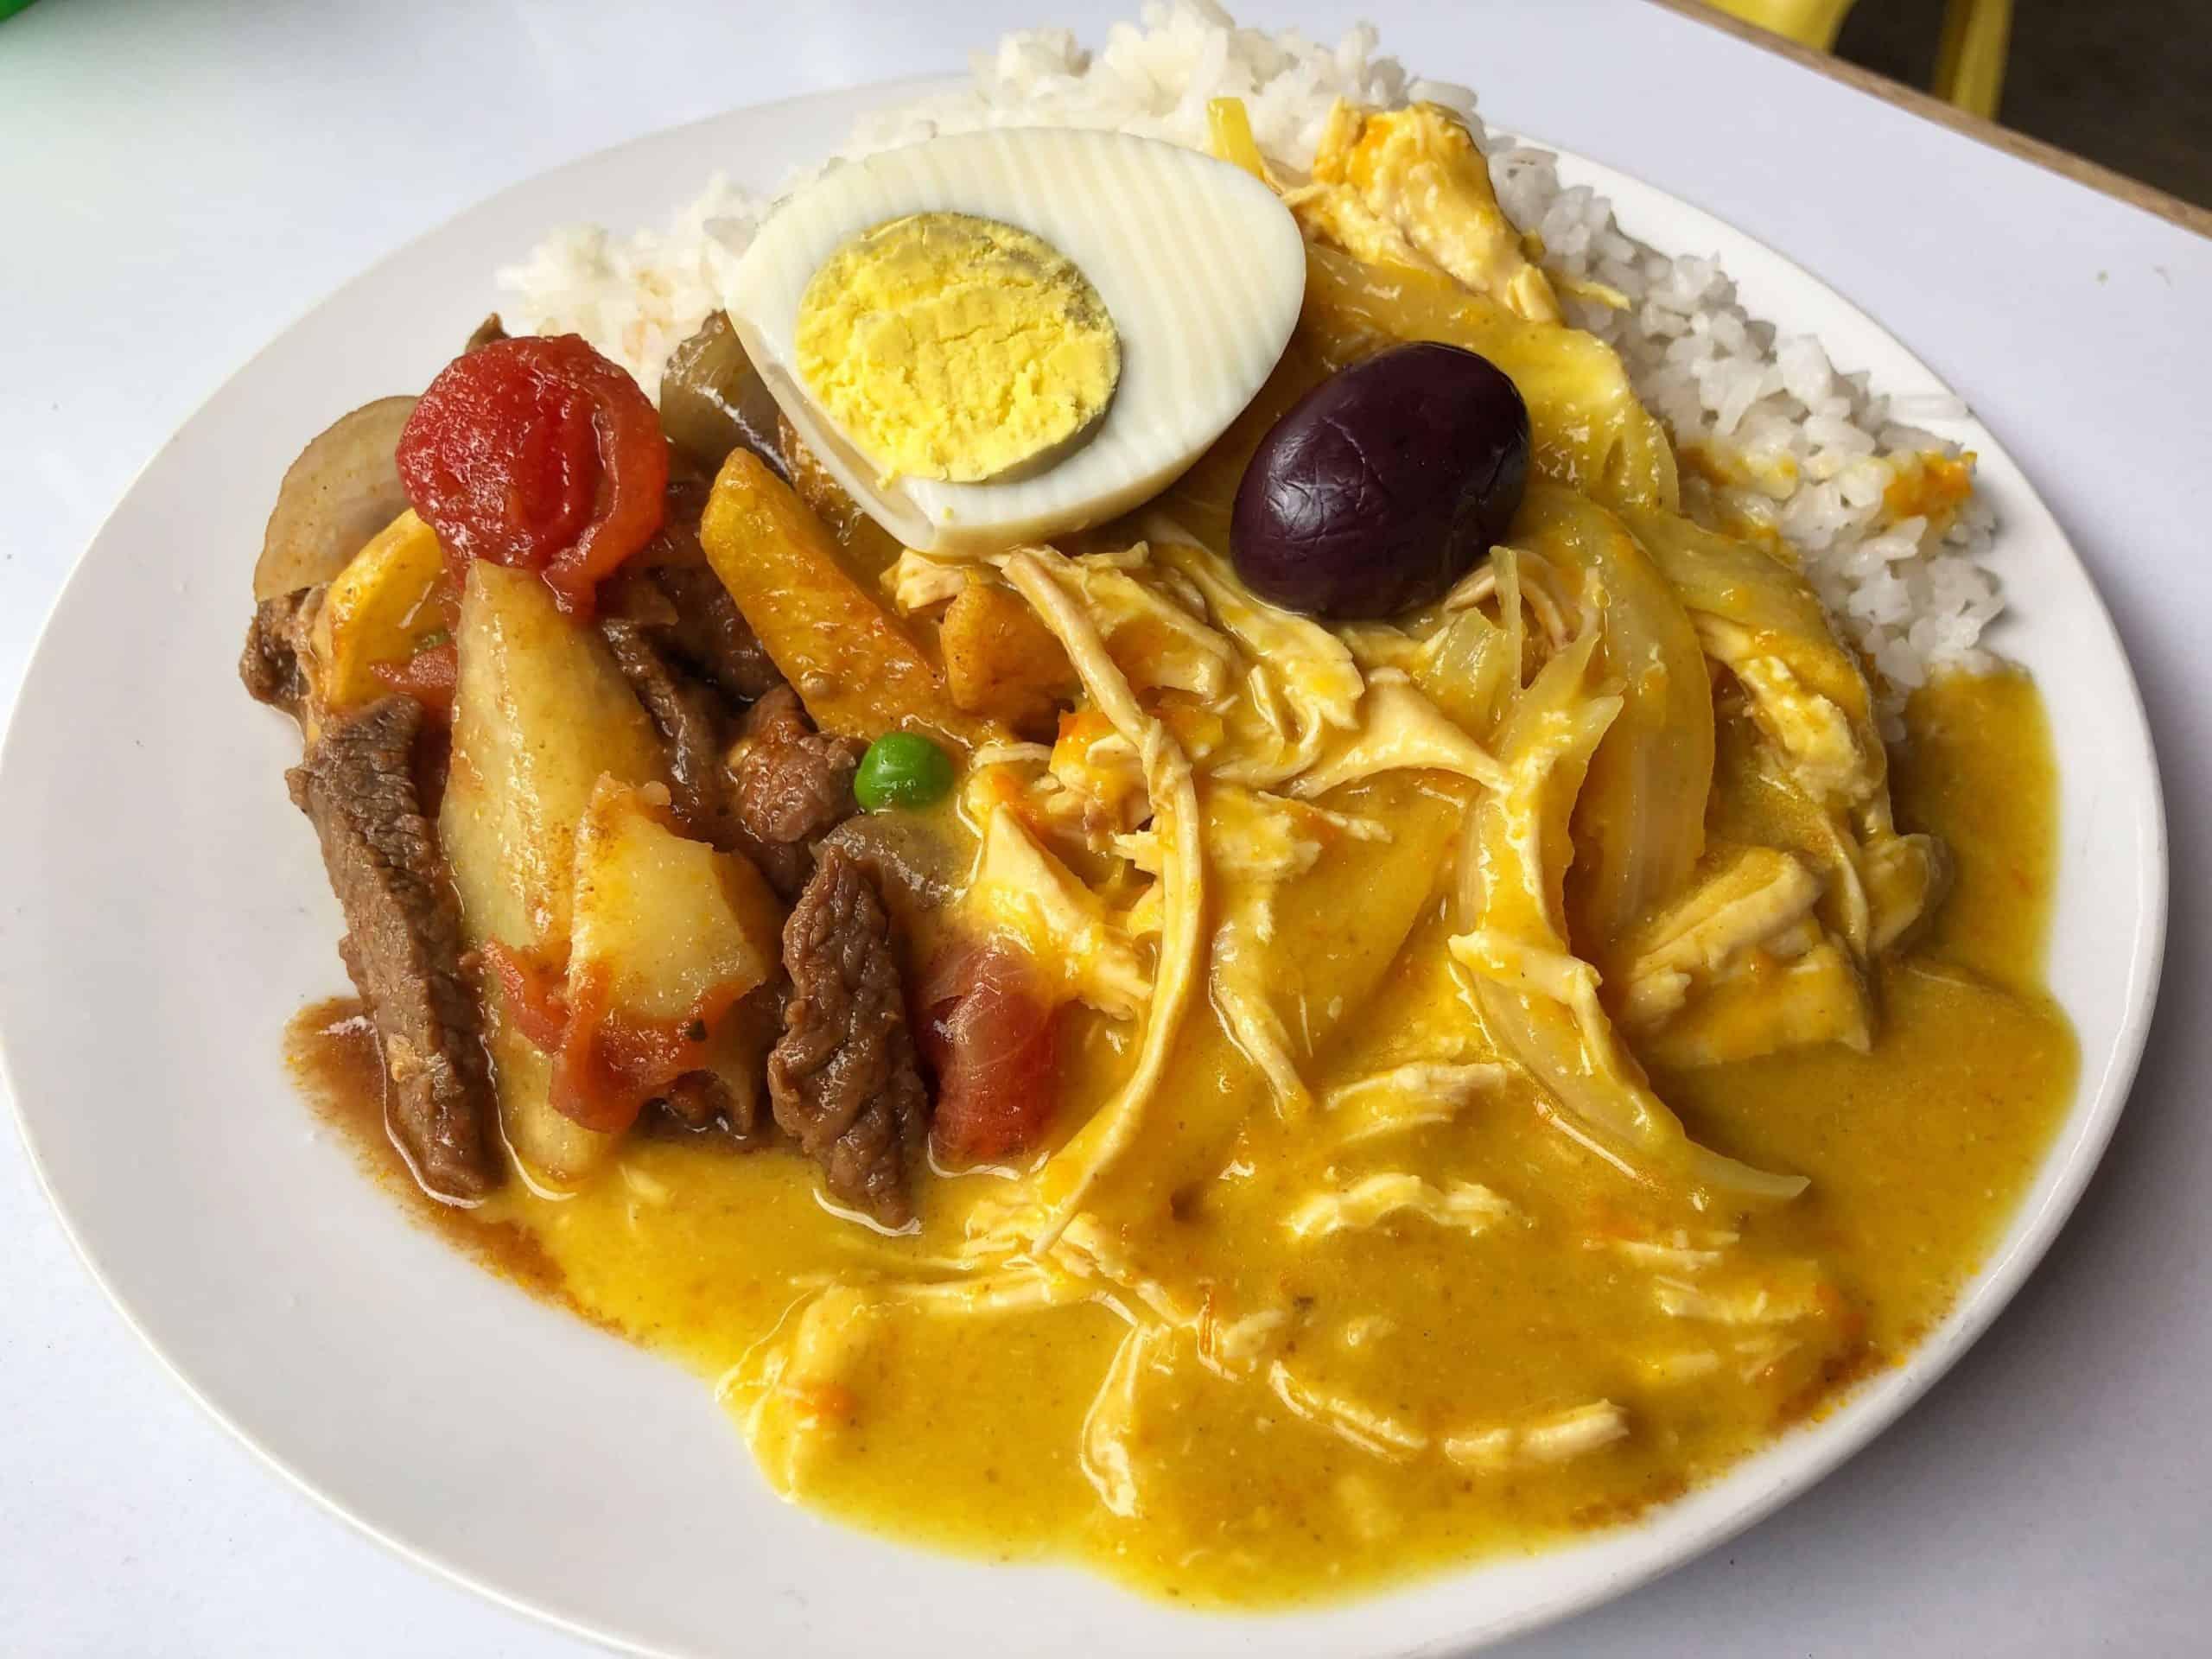 aji de gallina peruvian cuisine peruvian dish peruvian food